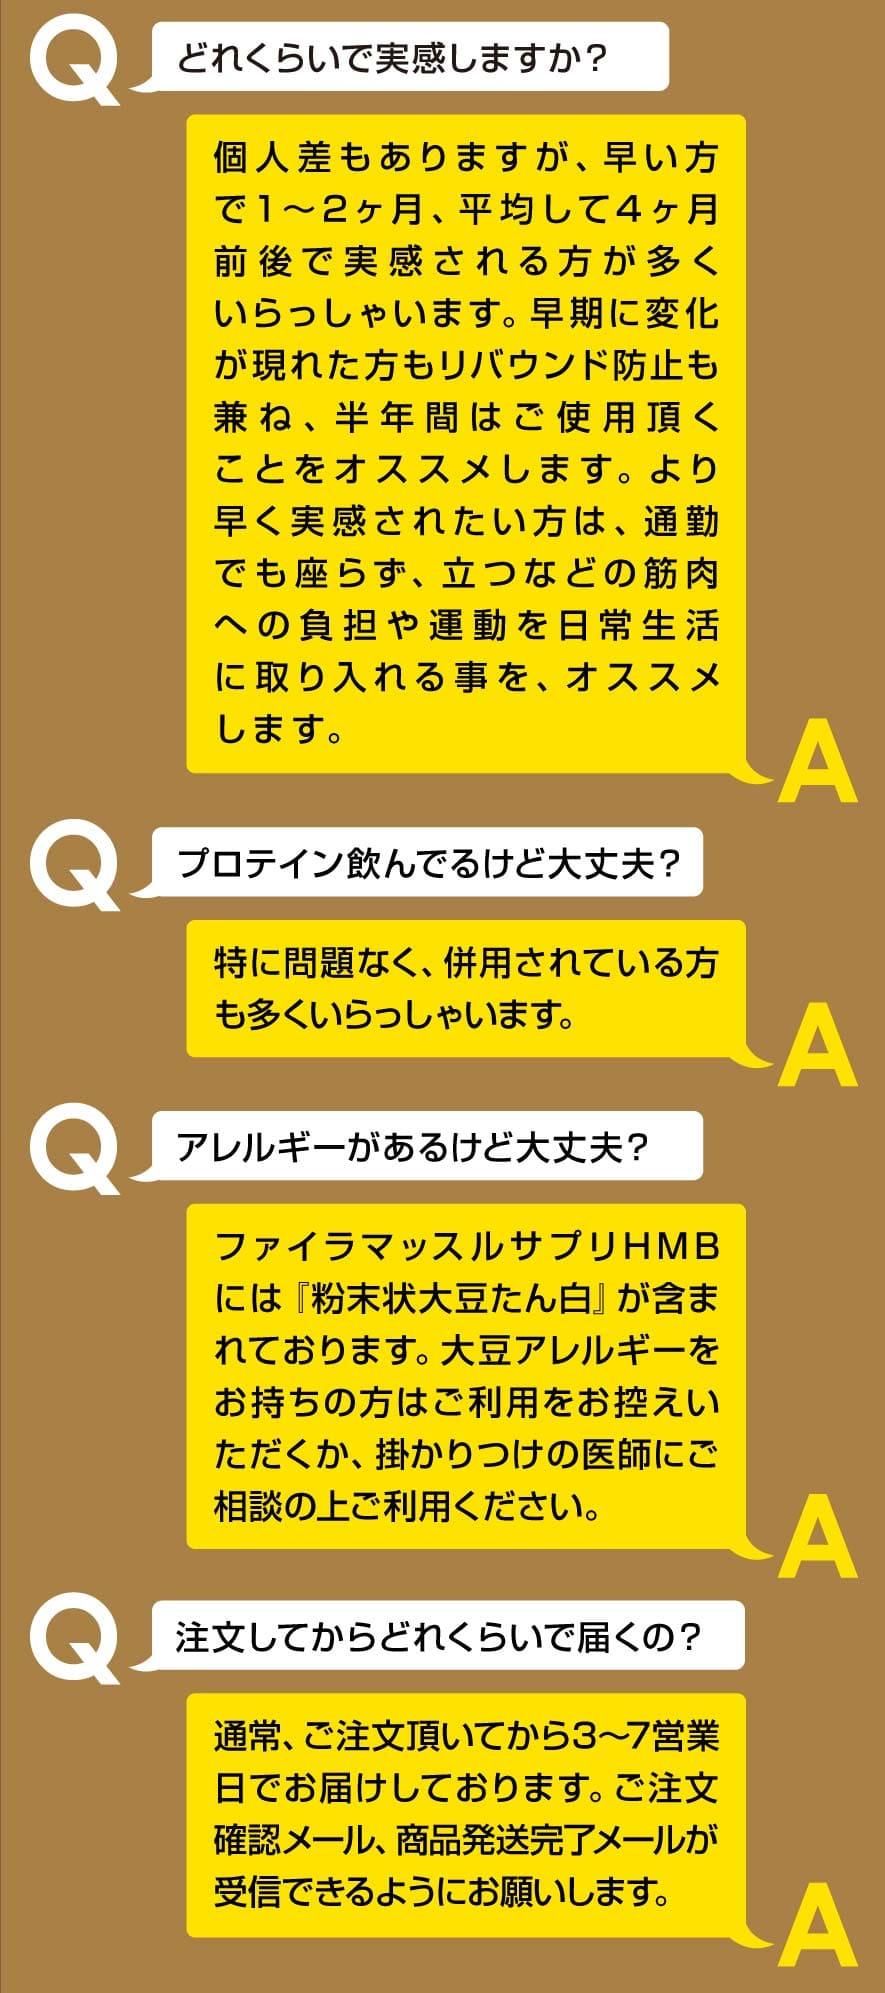 よくある質問Q2-Q3